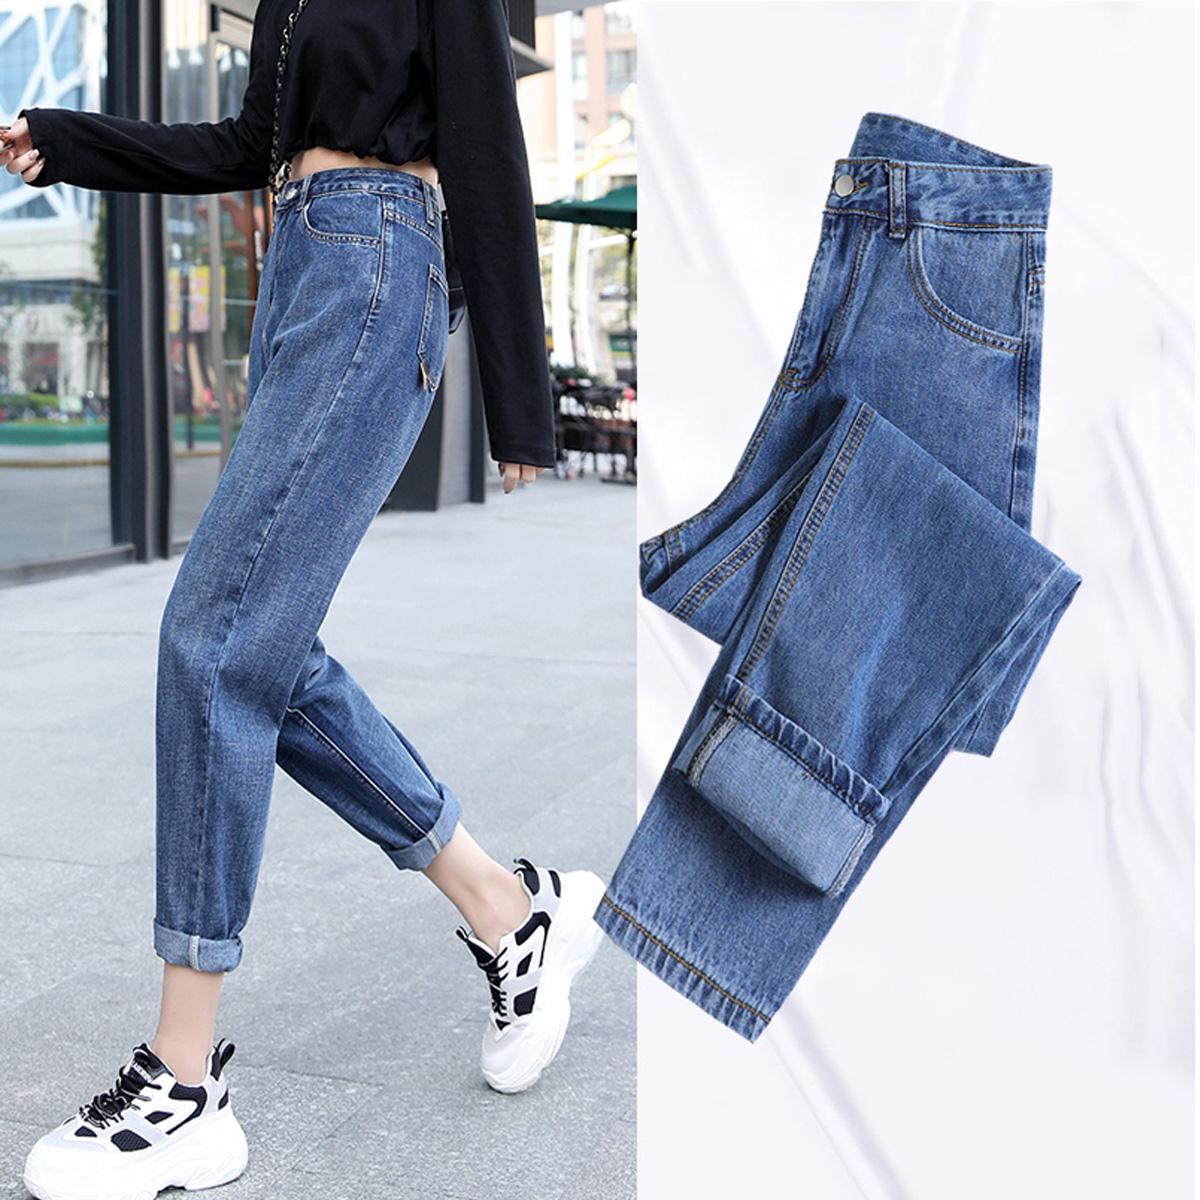 高腰牛仔裤女春季女装2020年新款直筒宽松萝卜裤子显瘦阔腿老爹裤